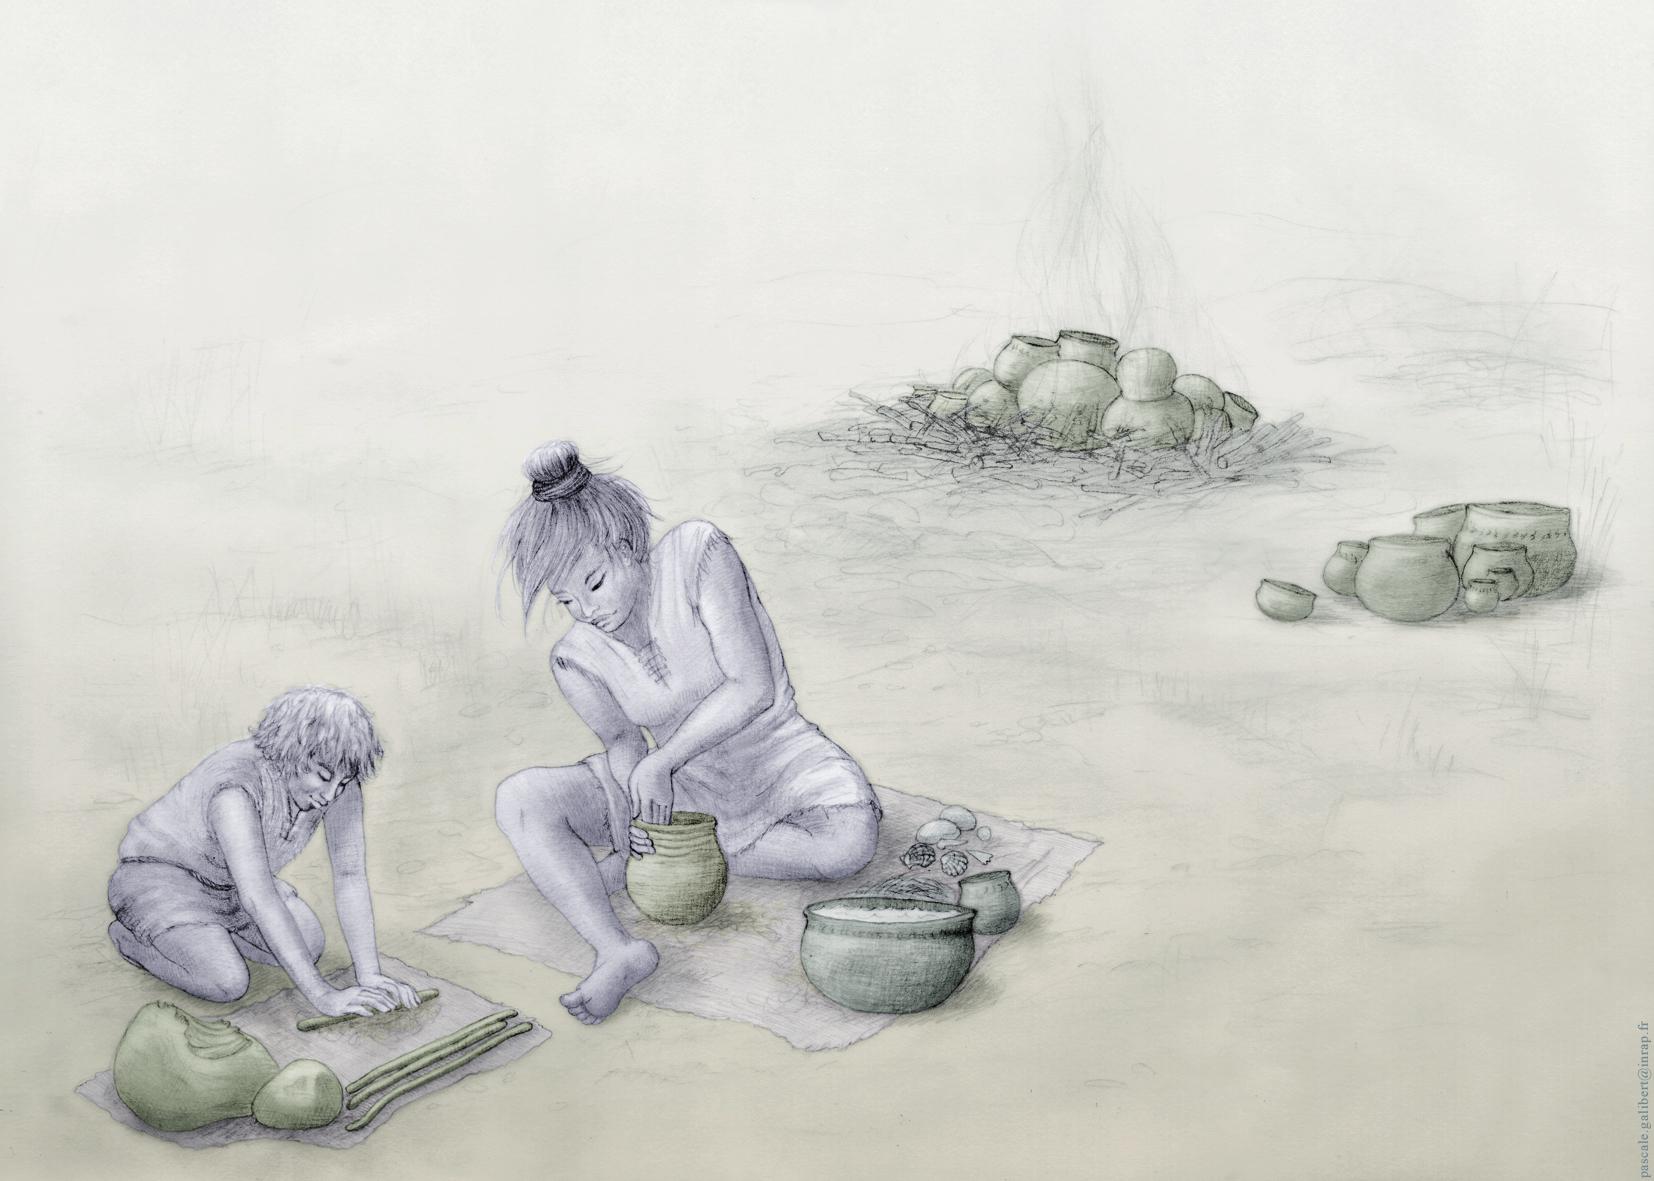 Dessin de personnes du néolithique